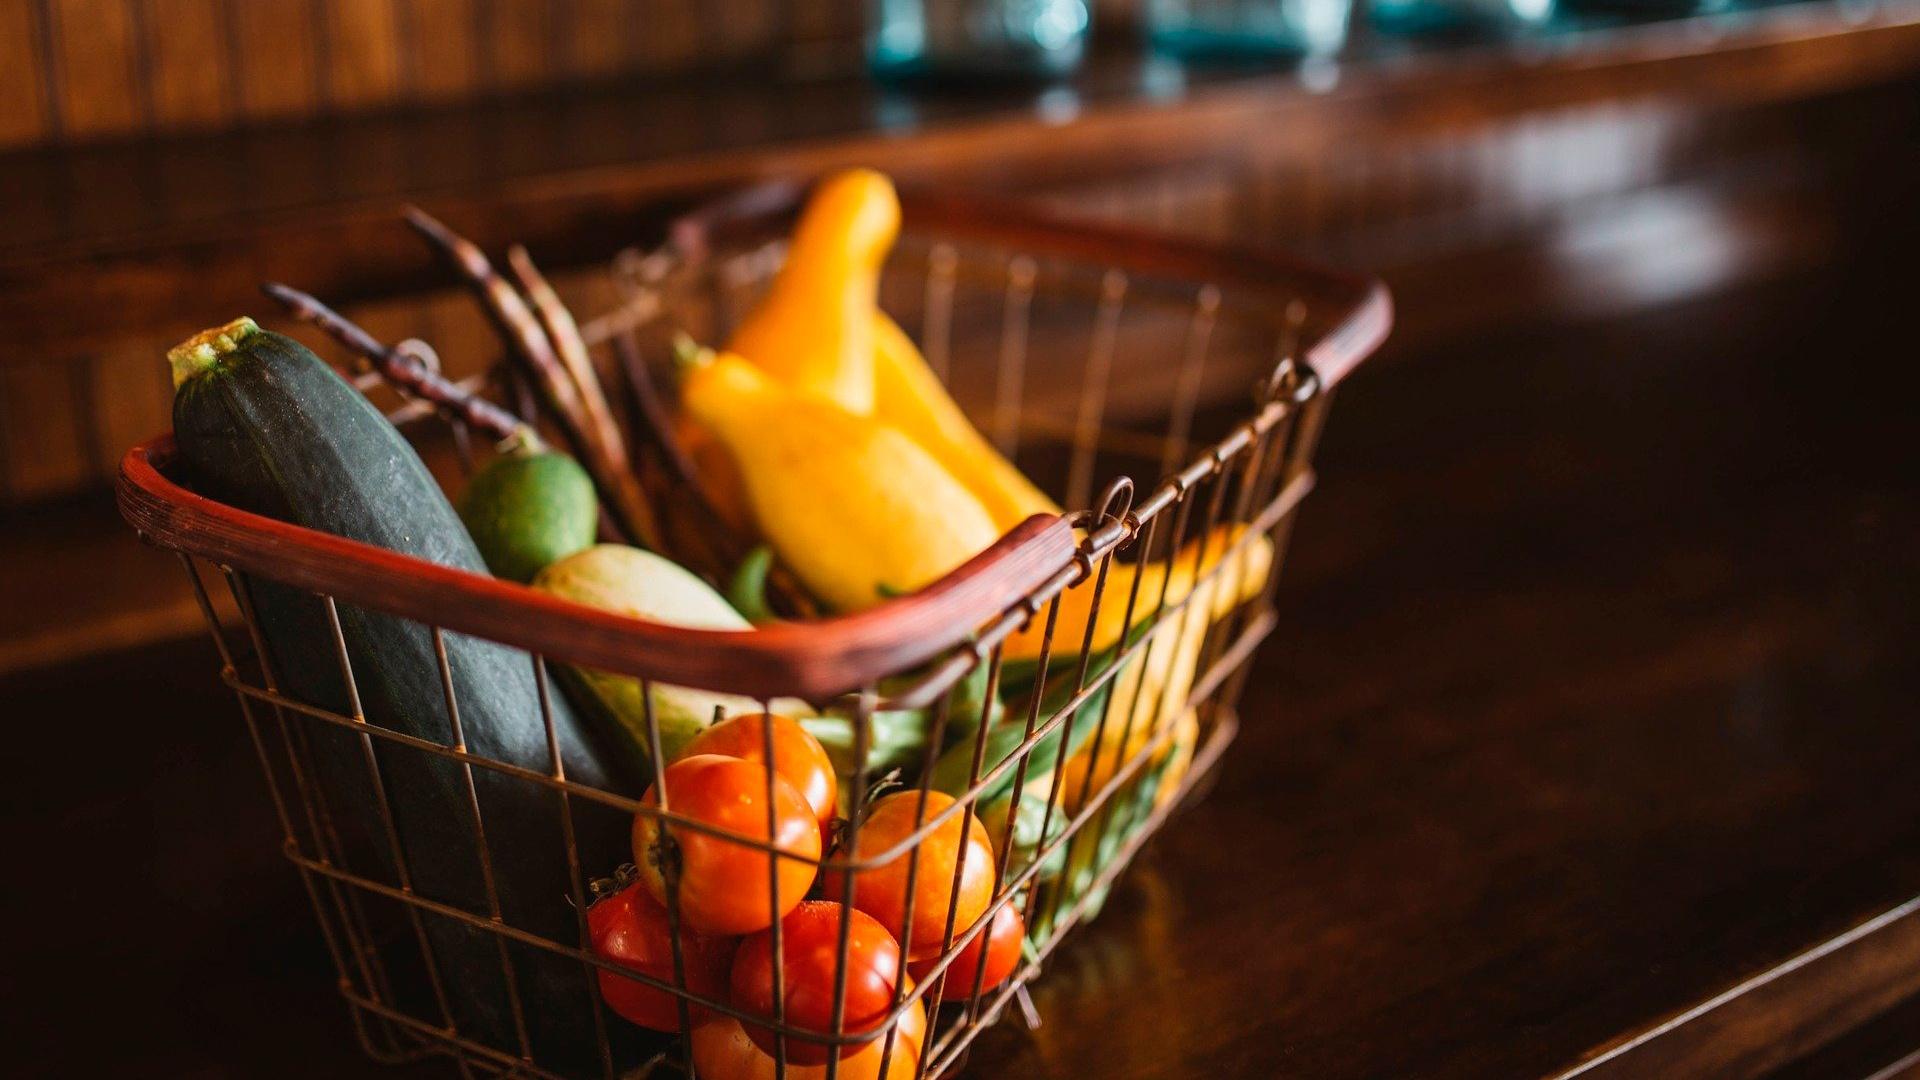 Опасный ЗОЖ: диетолог рассказала о вредных пищевых привычках здоровых людей